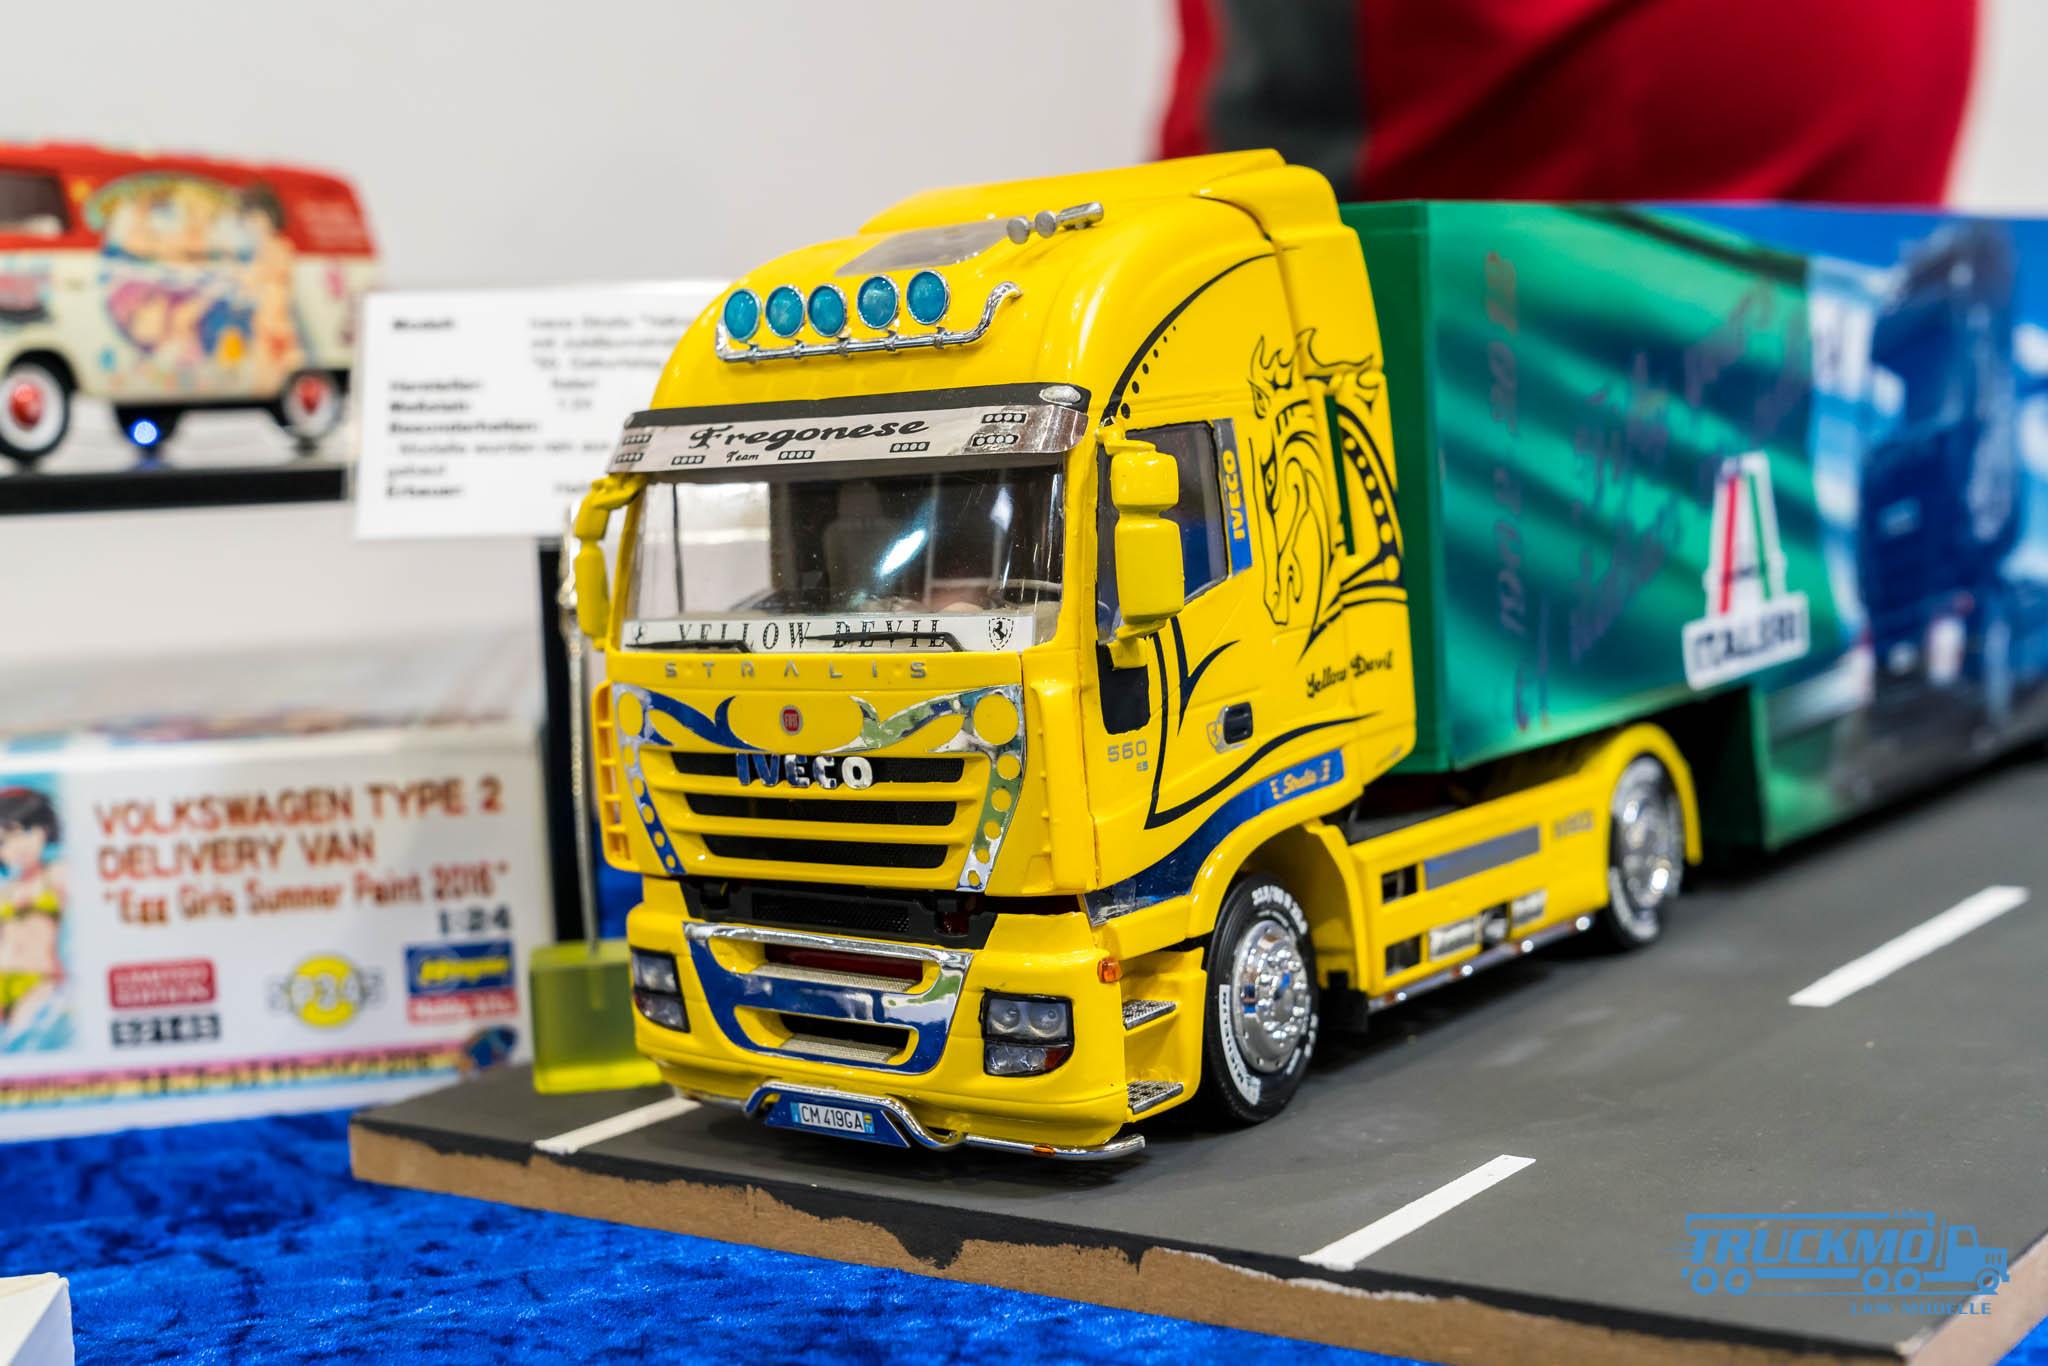 Truckmo_Modellbau_Ried_2017_Herpa_Messe_Modellbauausstellung (522 von 1177)